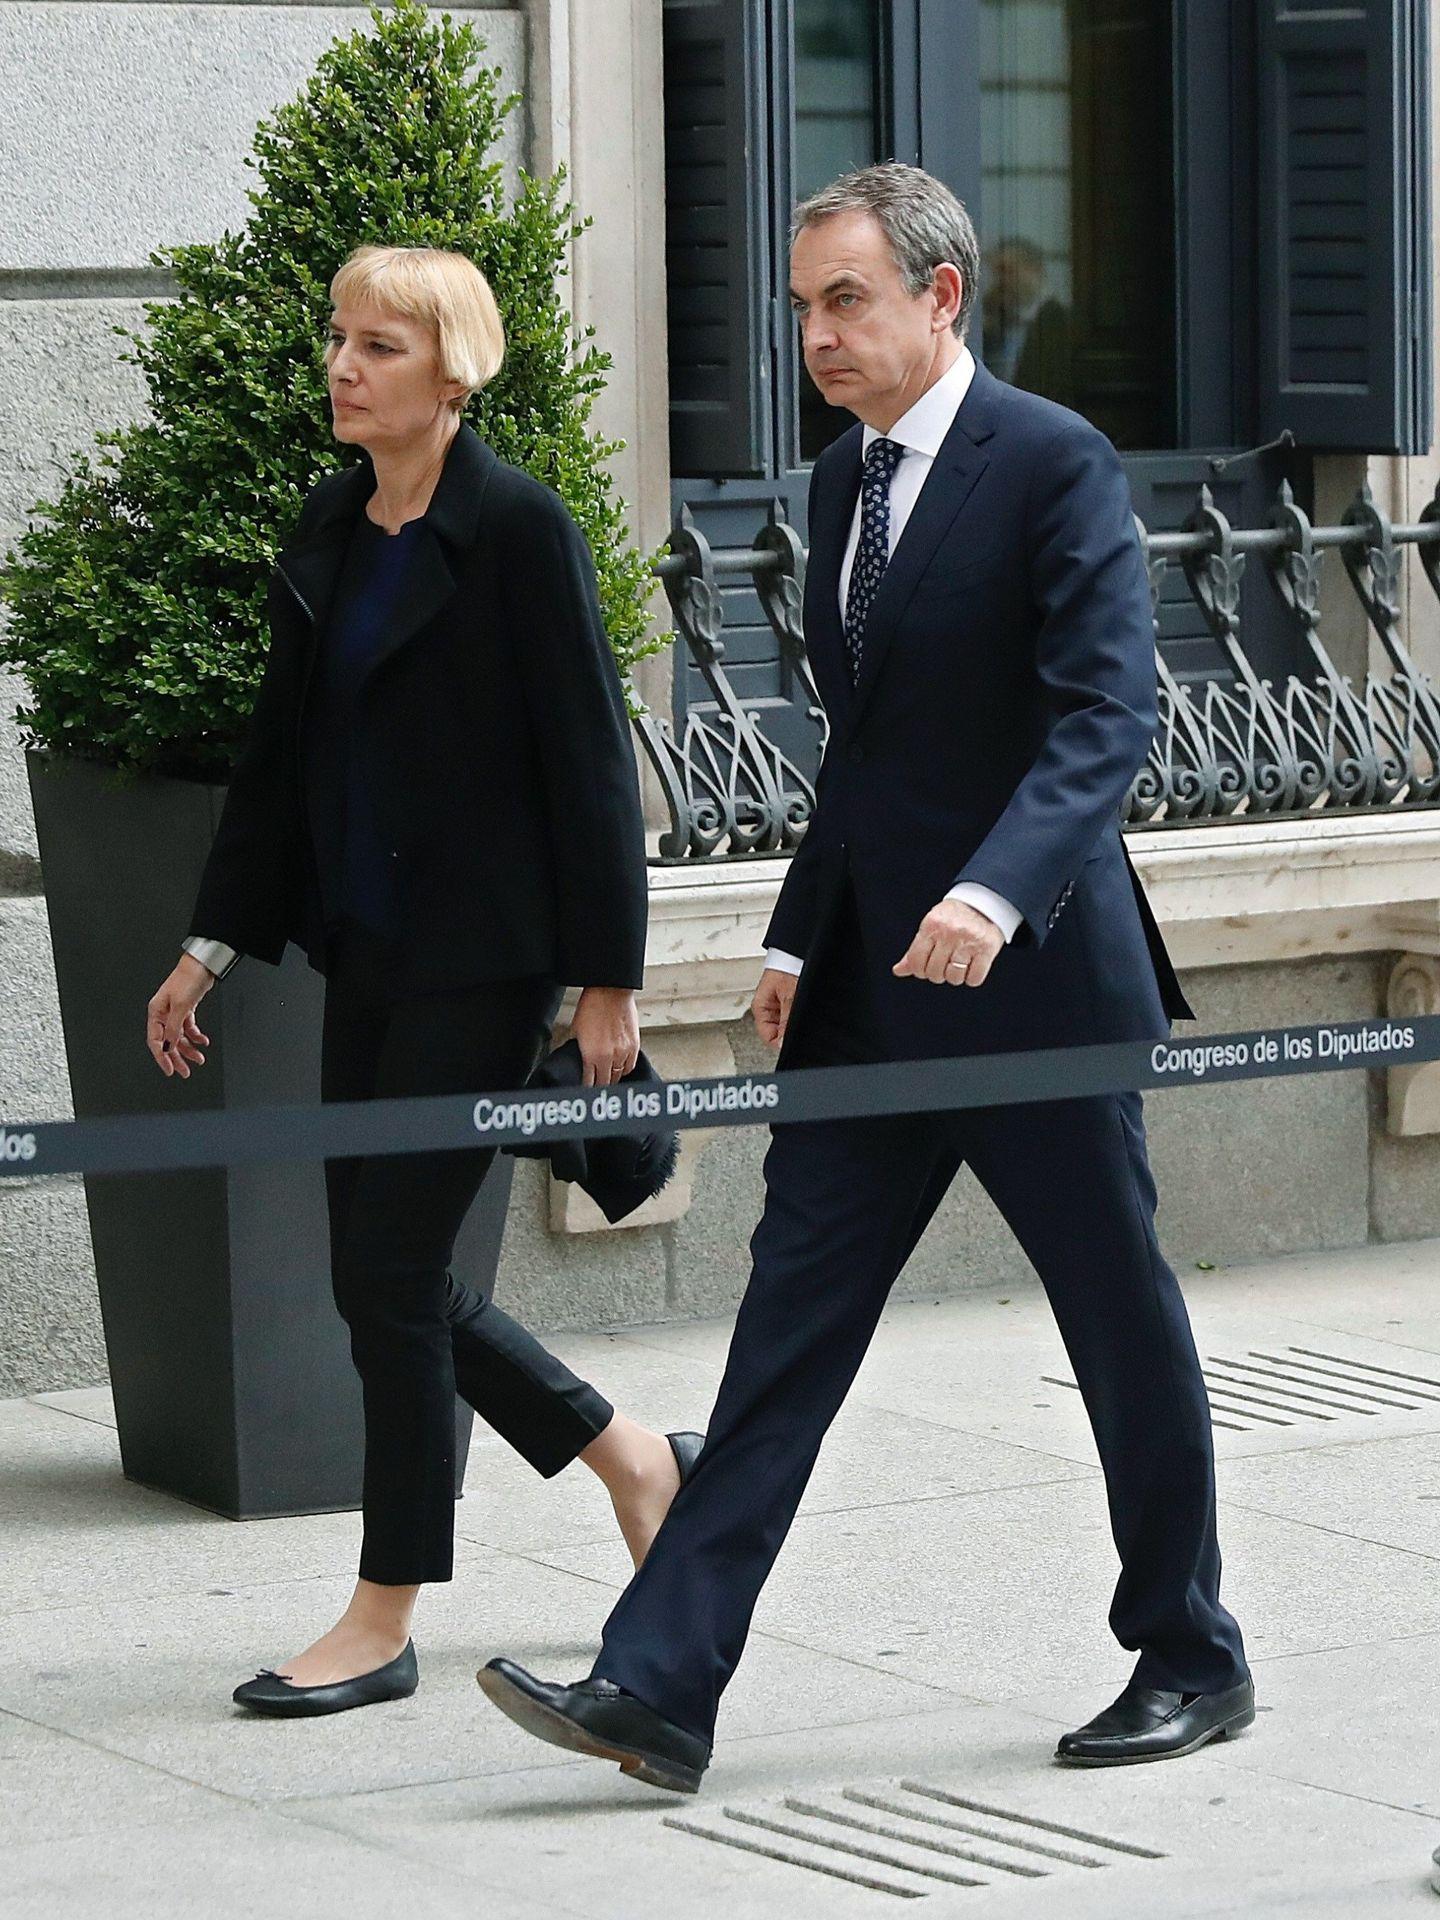 José Luis Rodríguez Zapatero y Sonsoles Espinosa a su llegada al Congreso. (EFE)